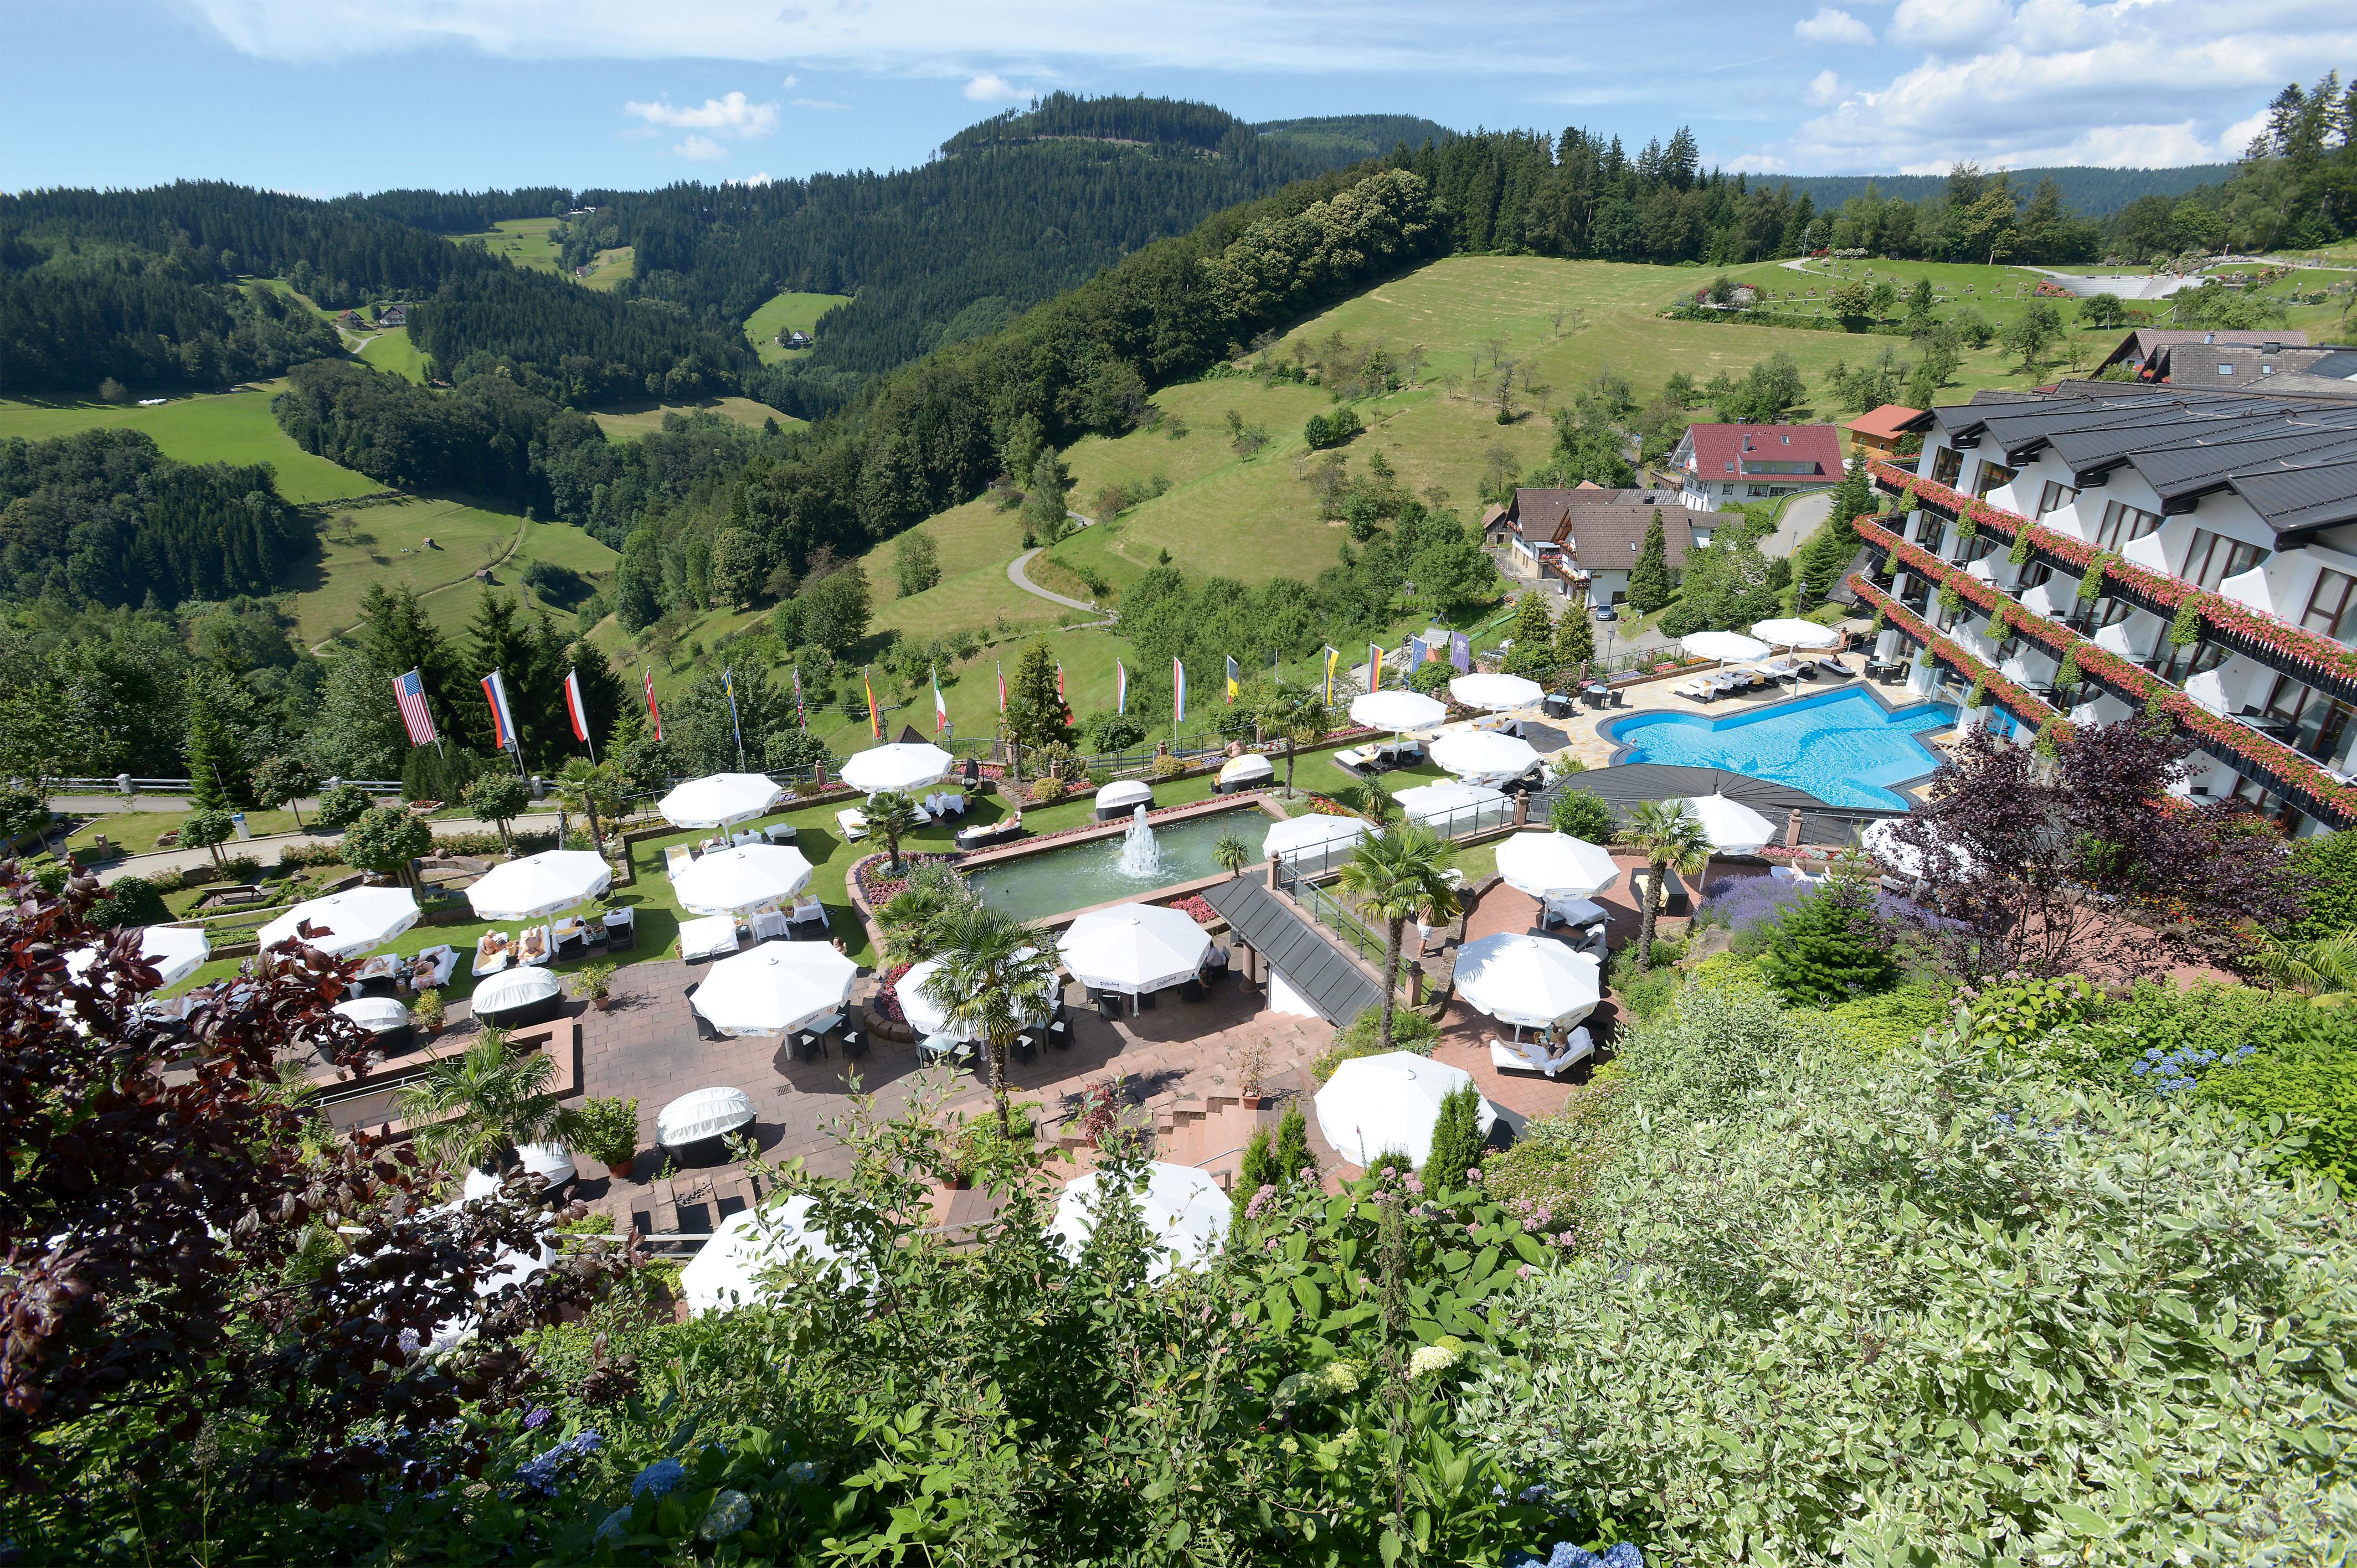 Ihr 5 Sterne Superior Hotel Im Schwarzwald Relais Chateaux Hotel